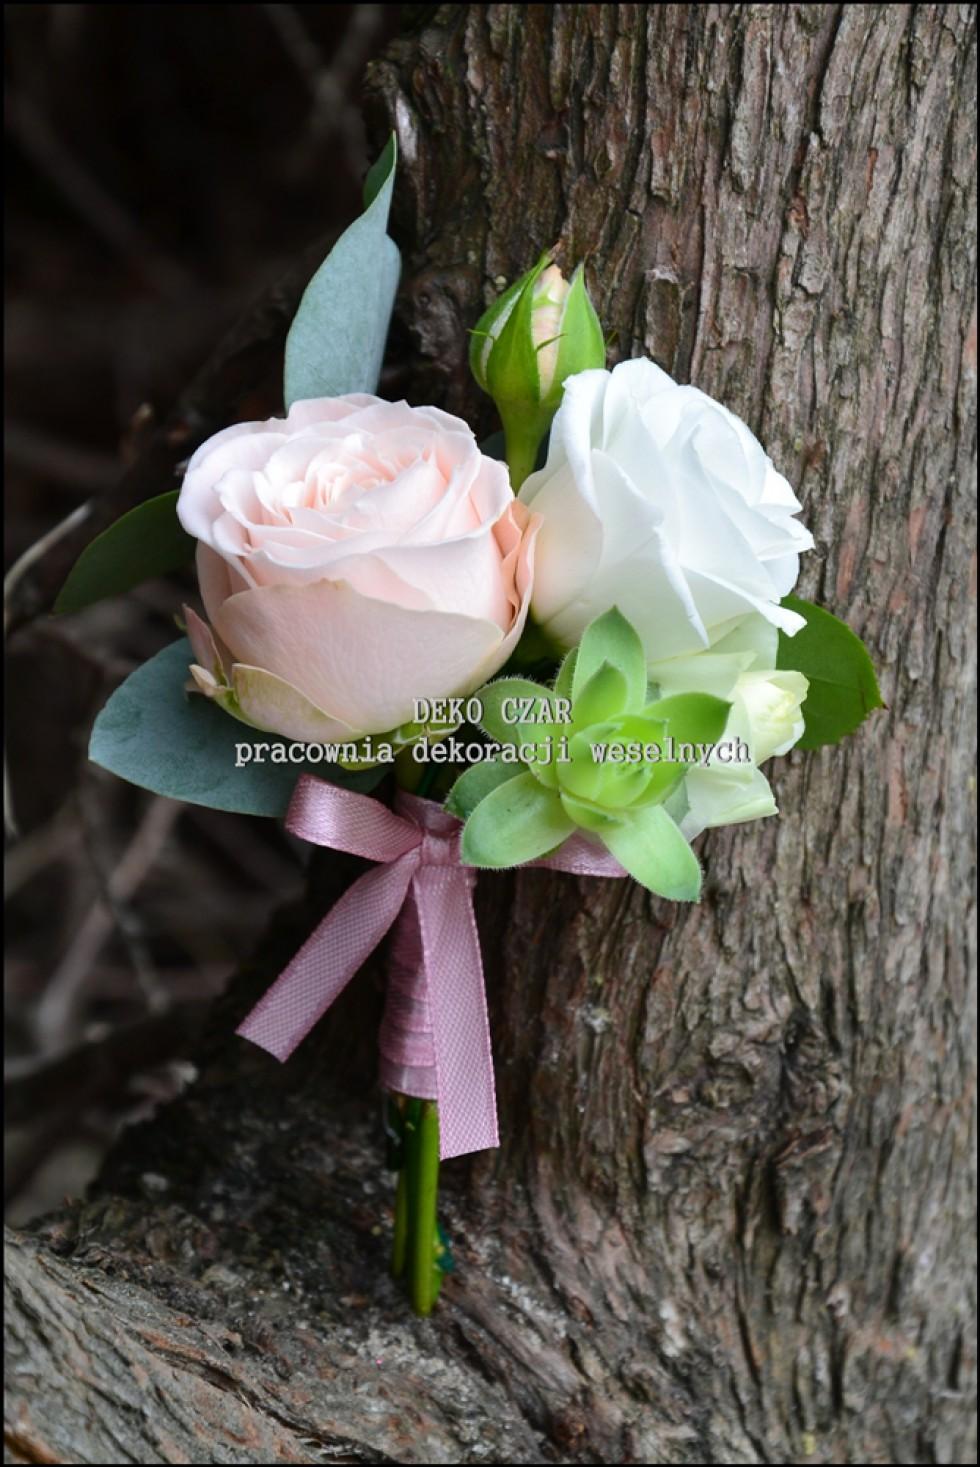 11 (2)florystyka Olesno